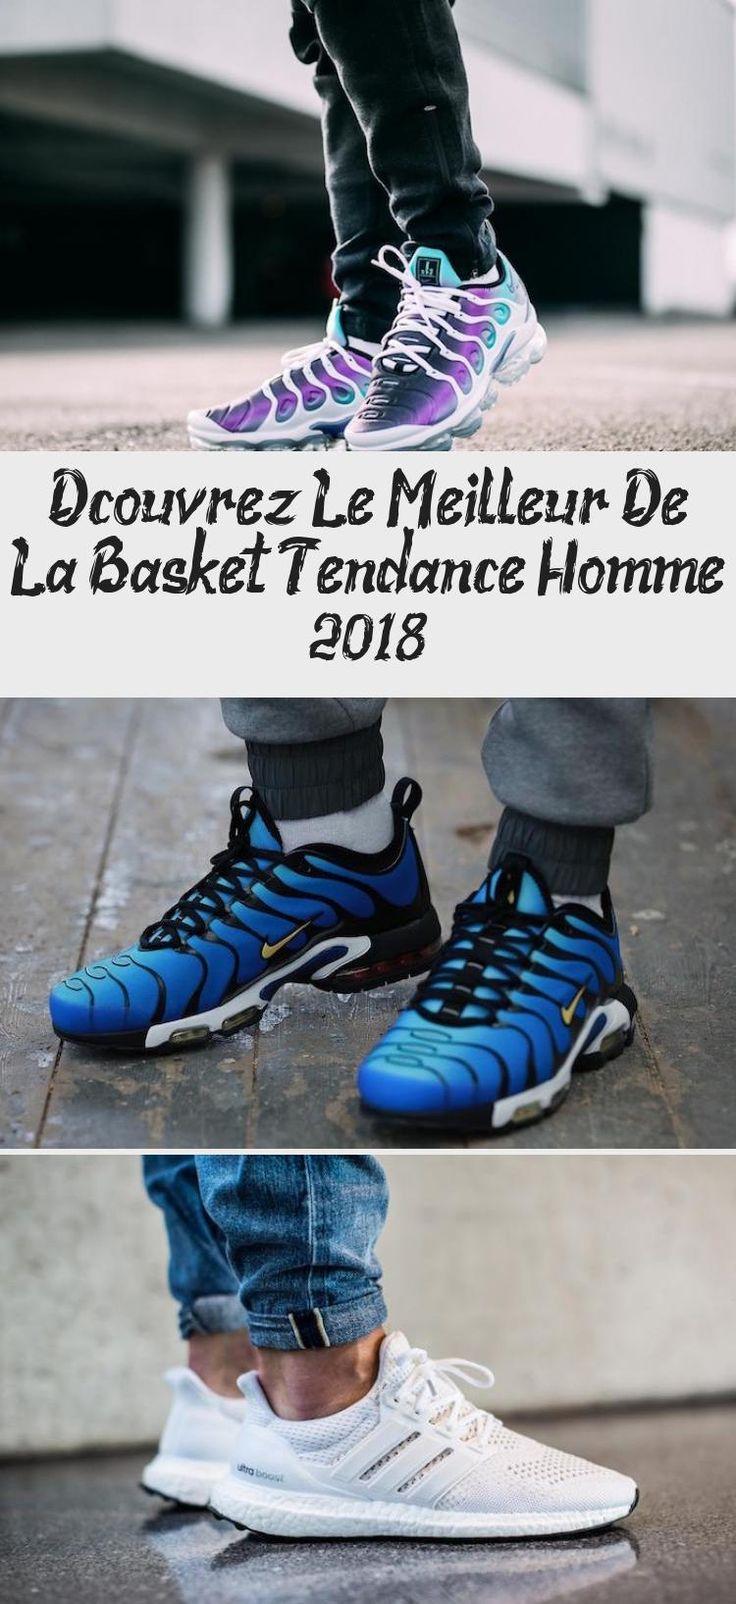 Découvrez Le Meilleur De La Basket Tendance Homme 2018